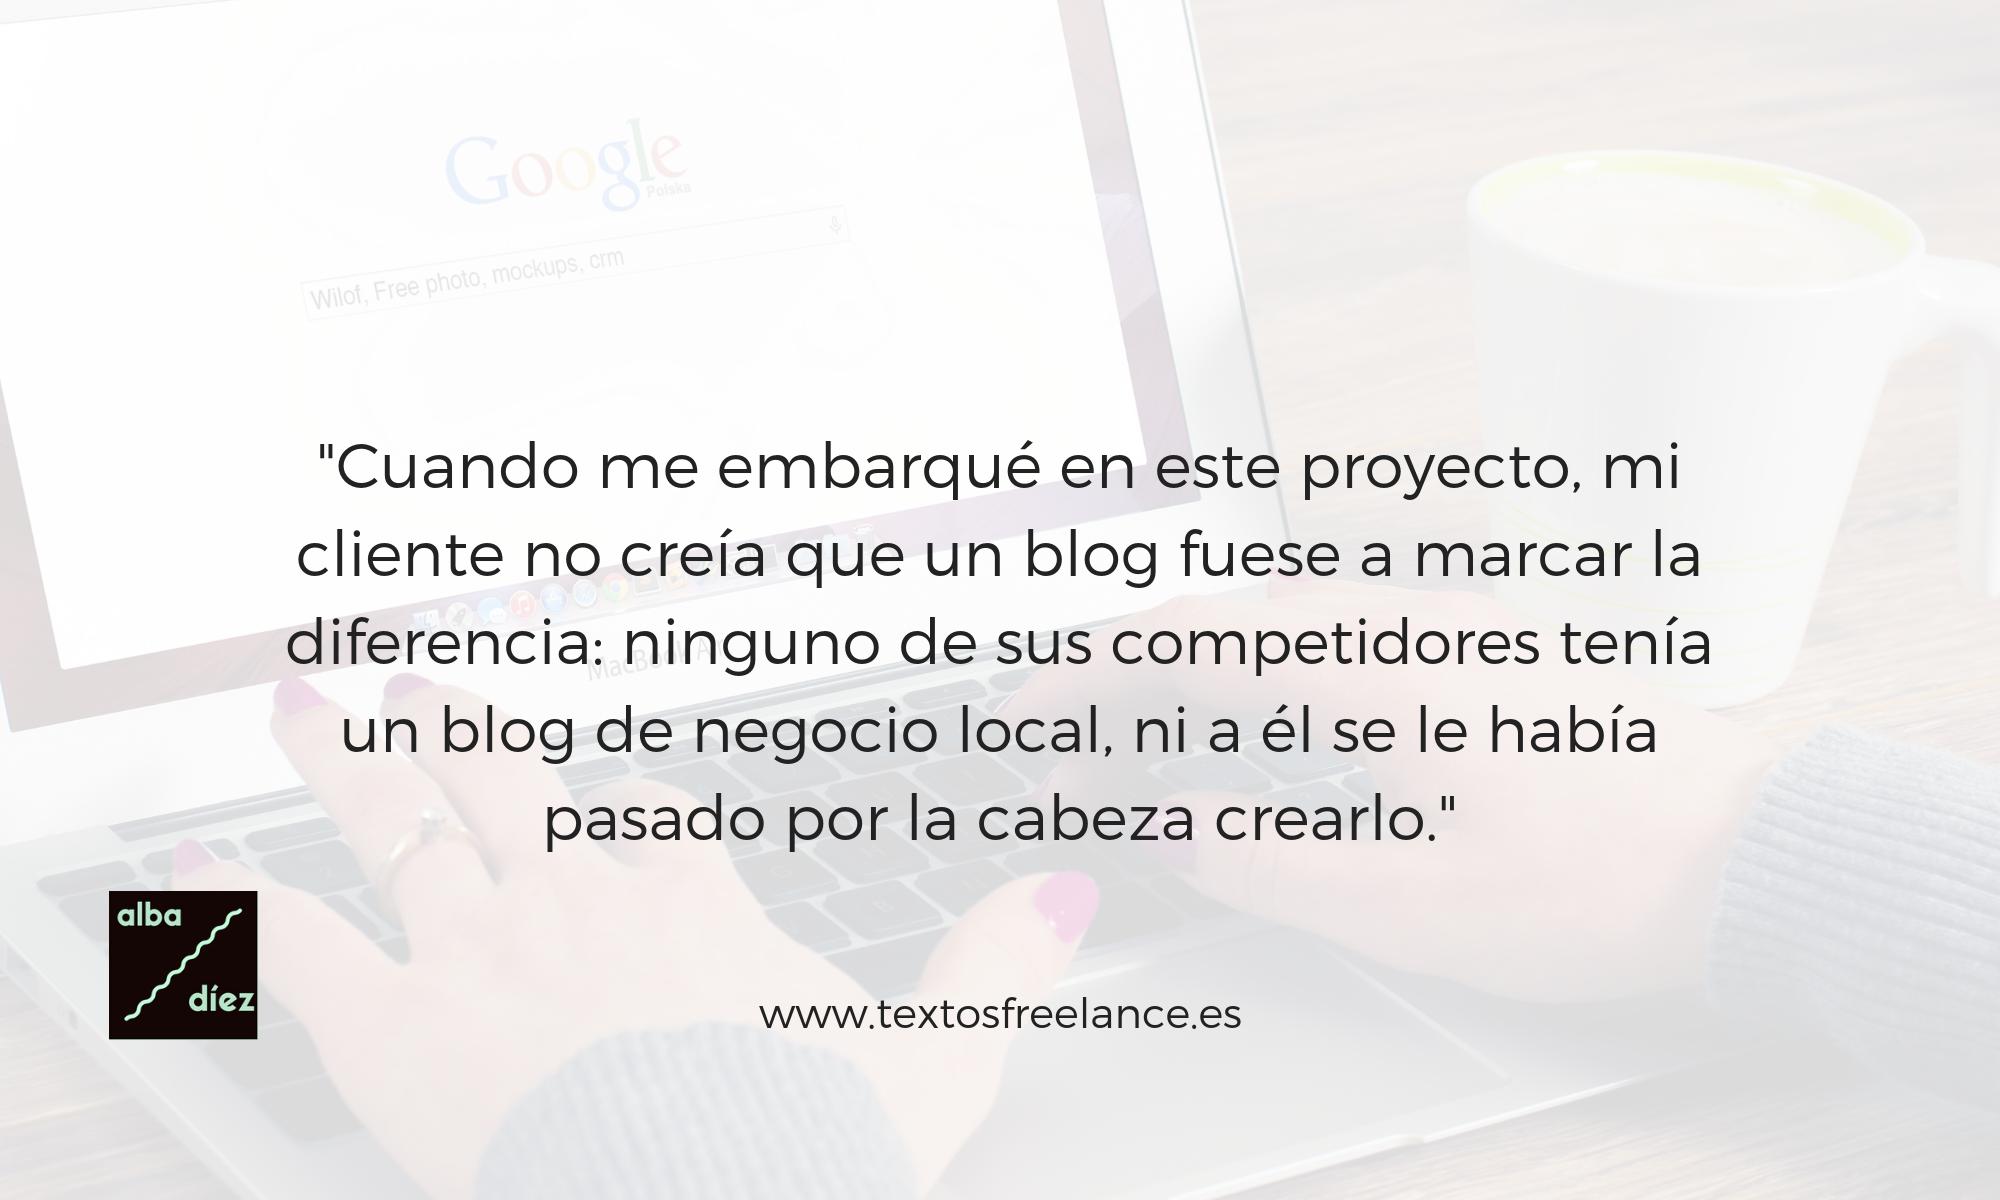 blog-para-negocio-local-2